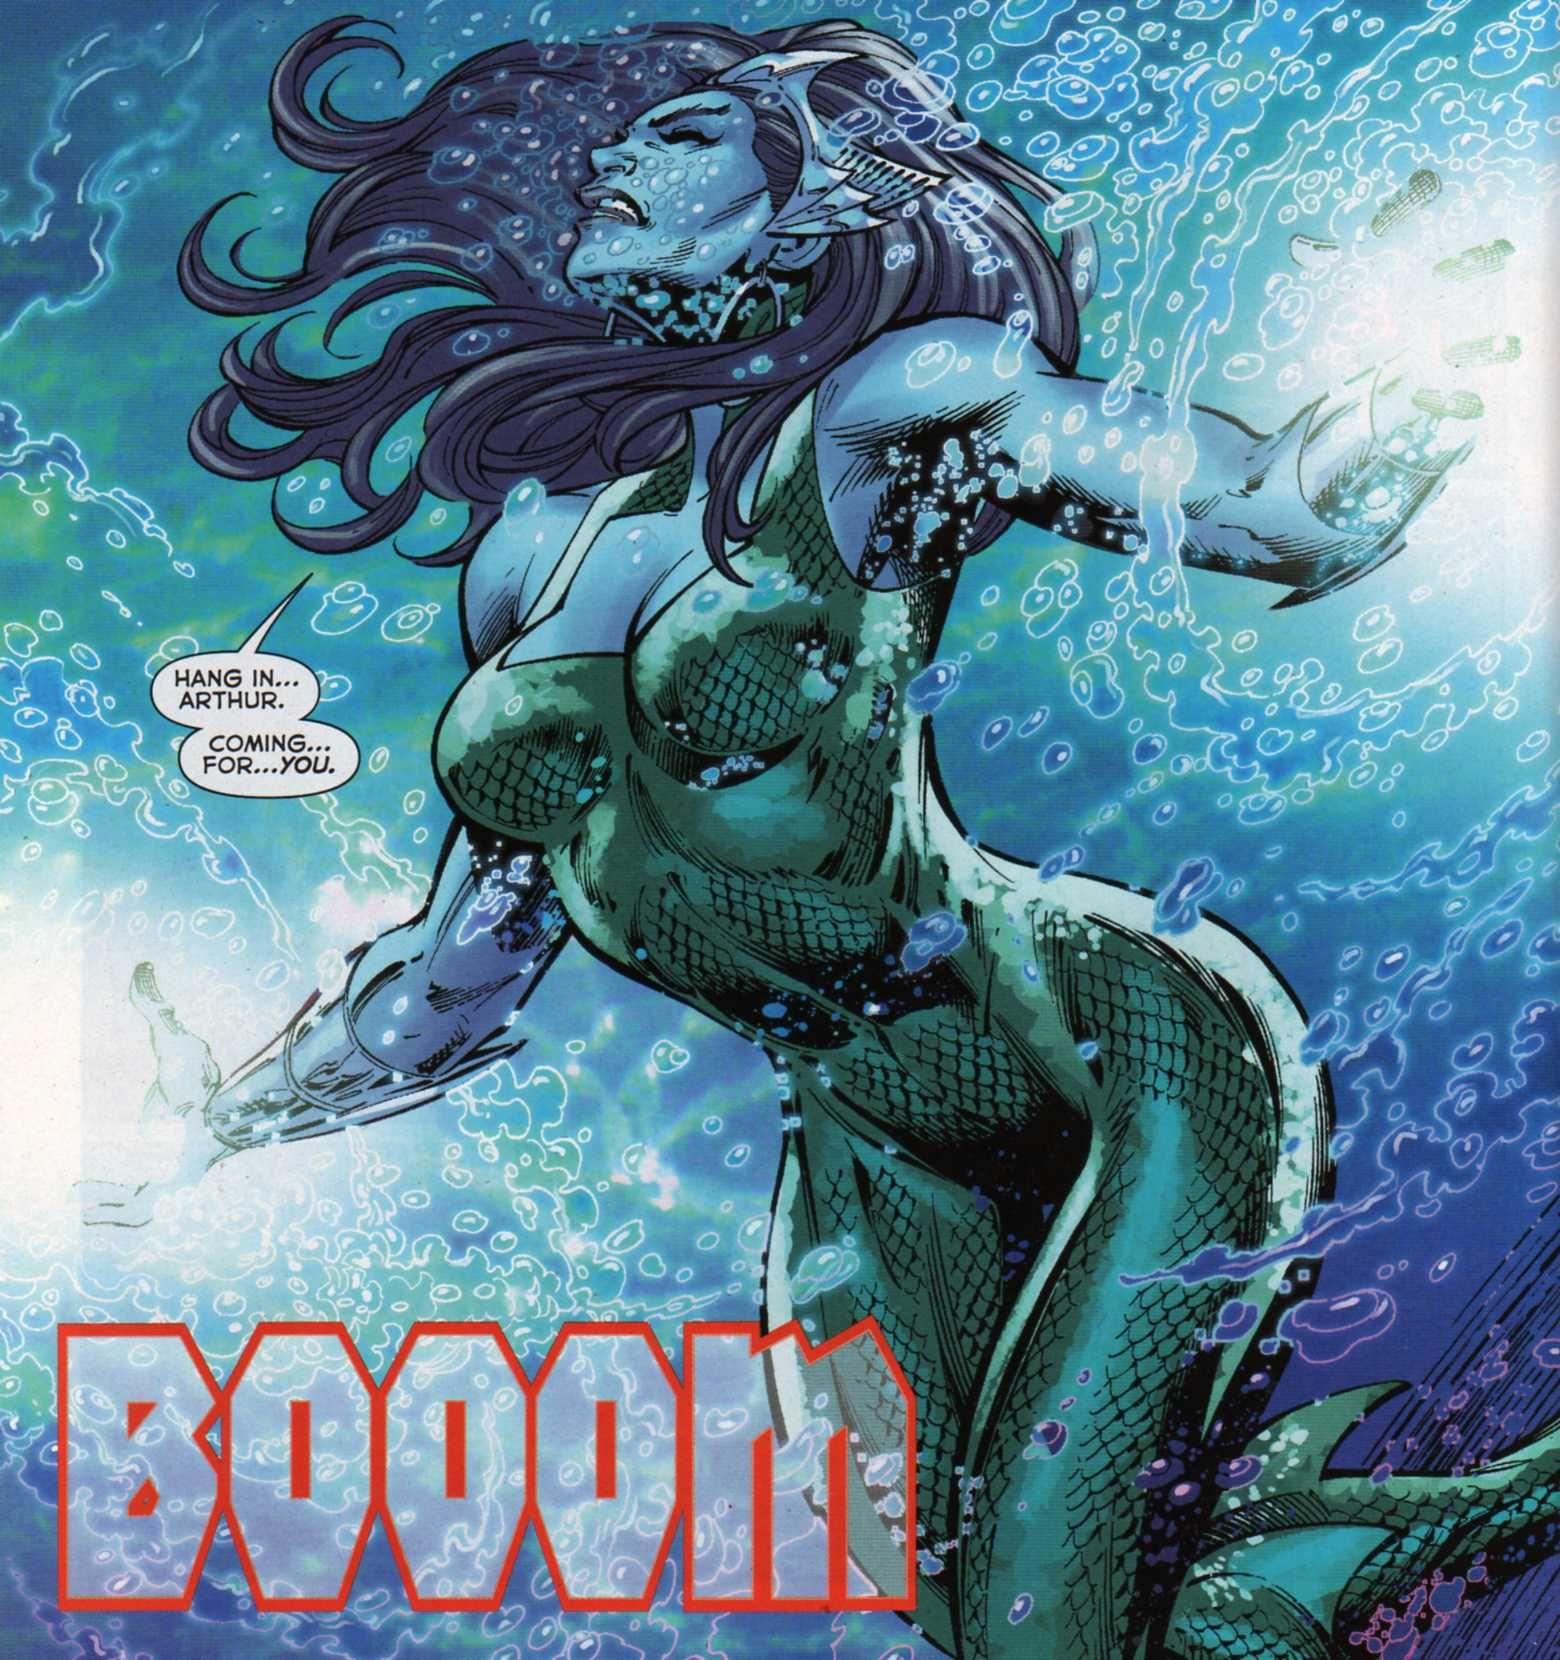 Mera in Aquaman Vol 7 # 40 - Art by Paul Pelletier, & Rain Beredo